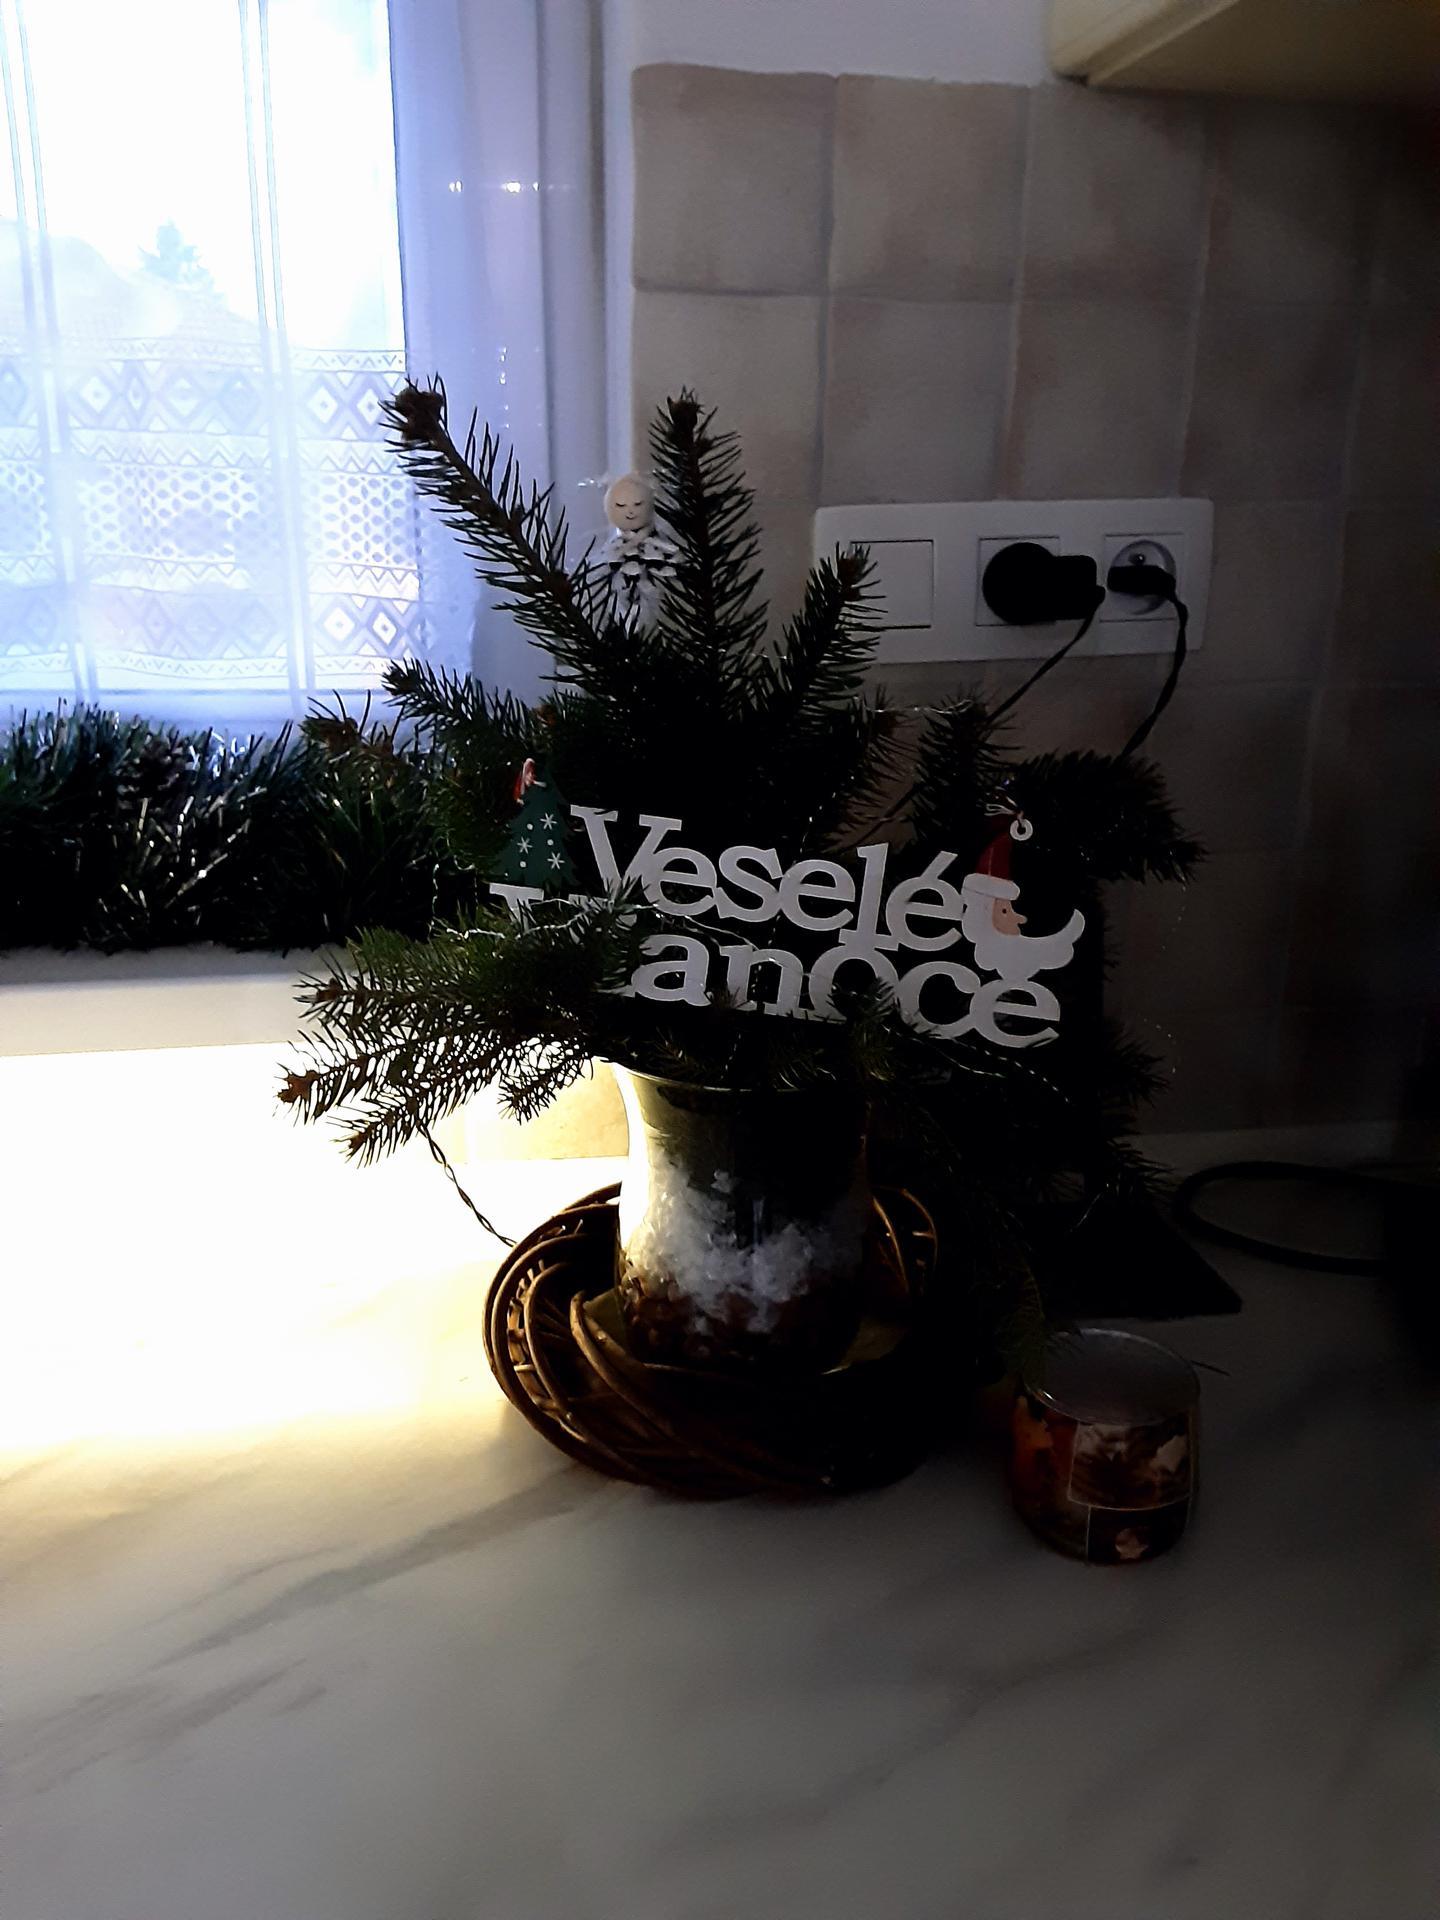 Vianočná atmosféra - Obrázok č. 11